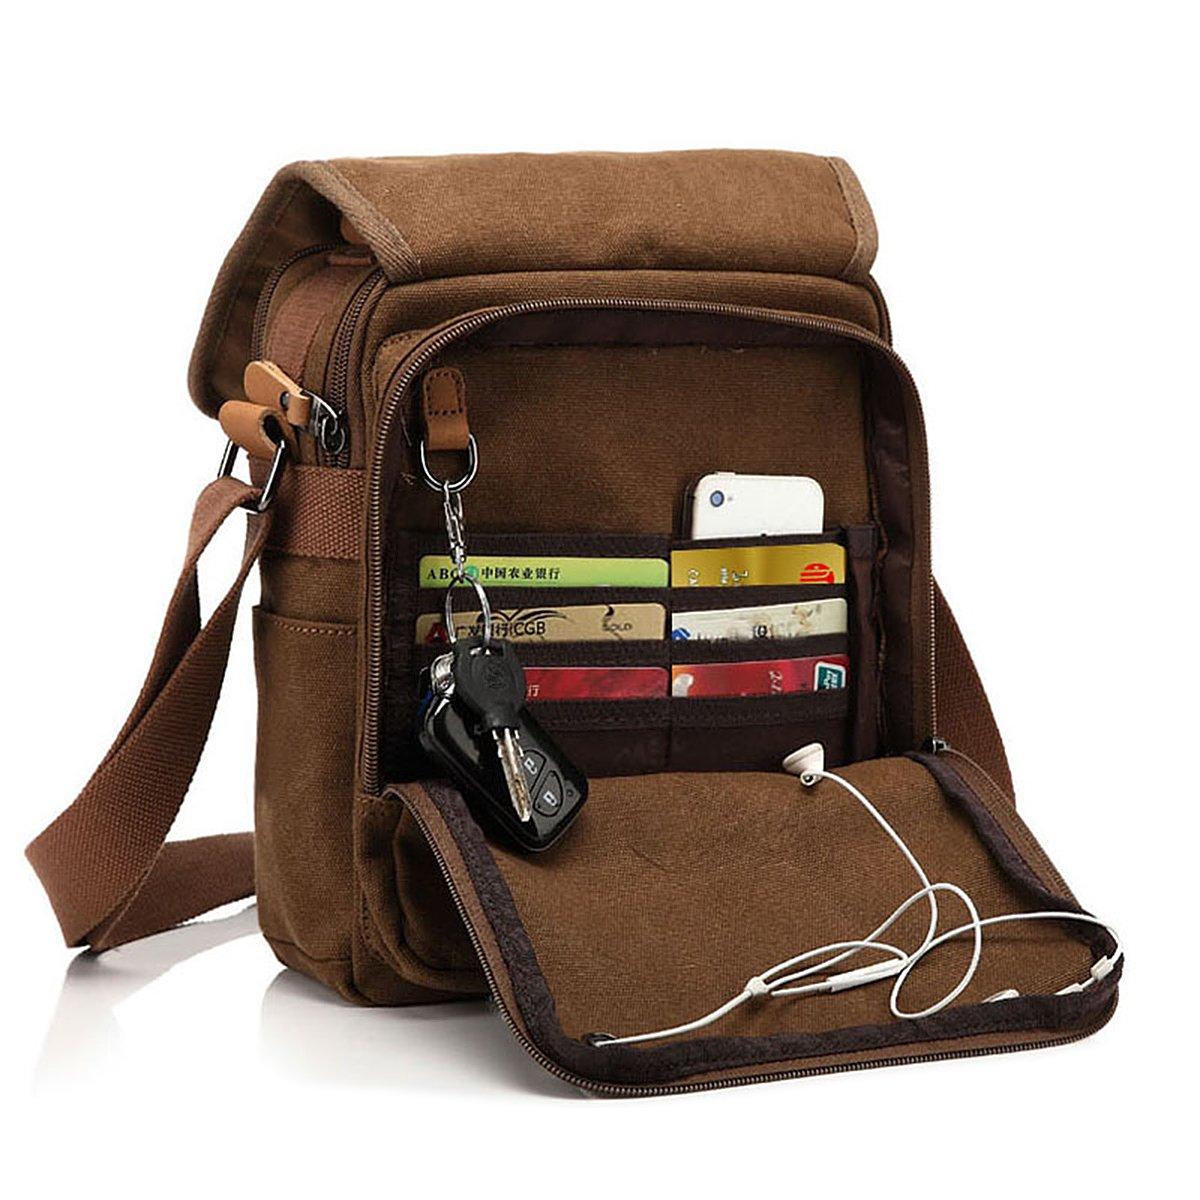 CHEREEKI Canvas Bag, Shoulder Bag Messenger Bag with Multiple Pockets (Hold 10 inch Tablet, iPad, Kindle) GSTEK